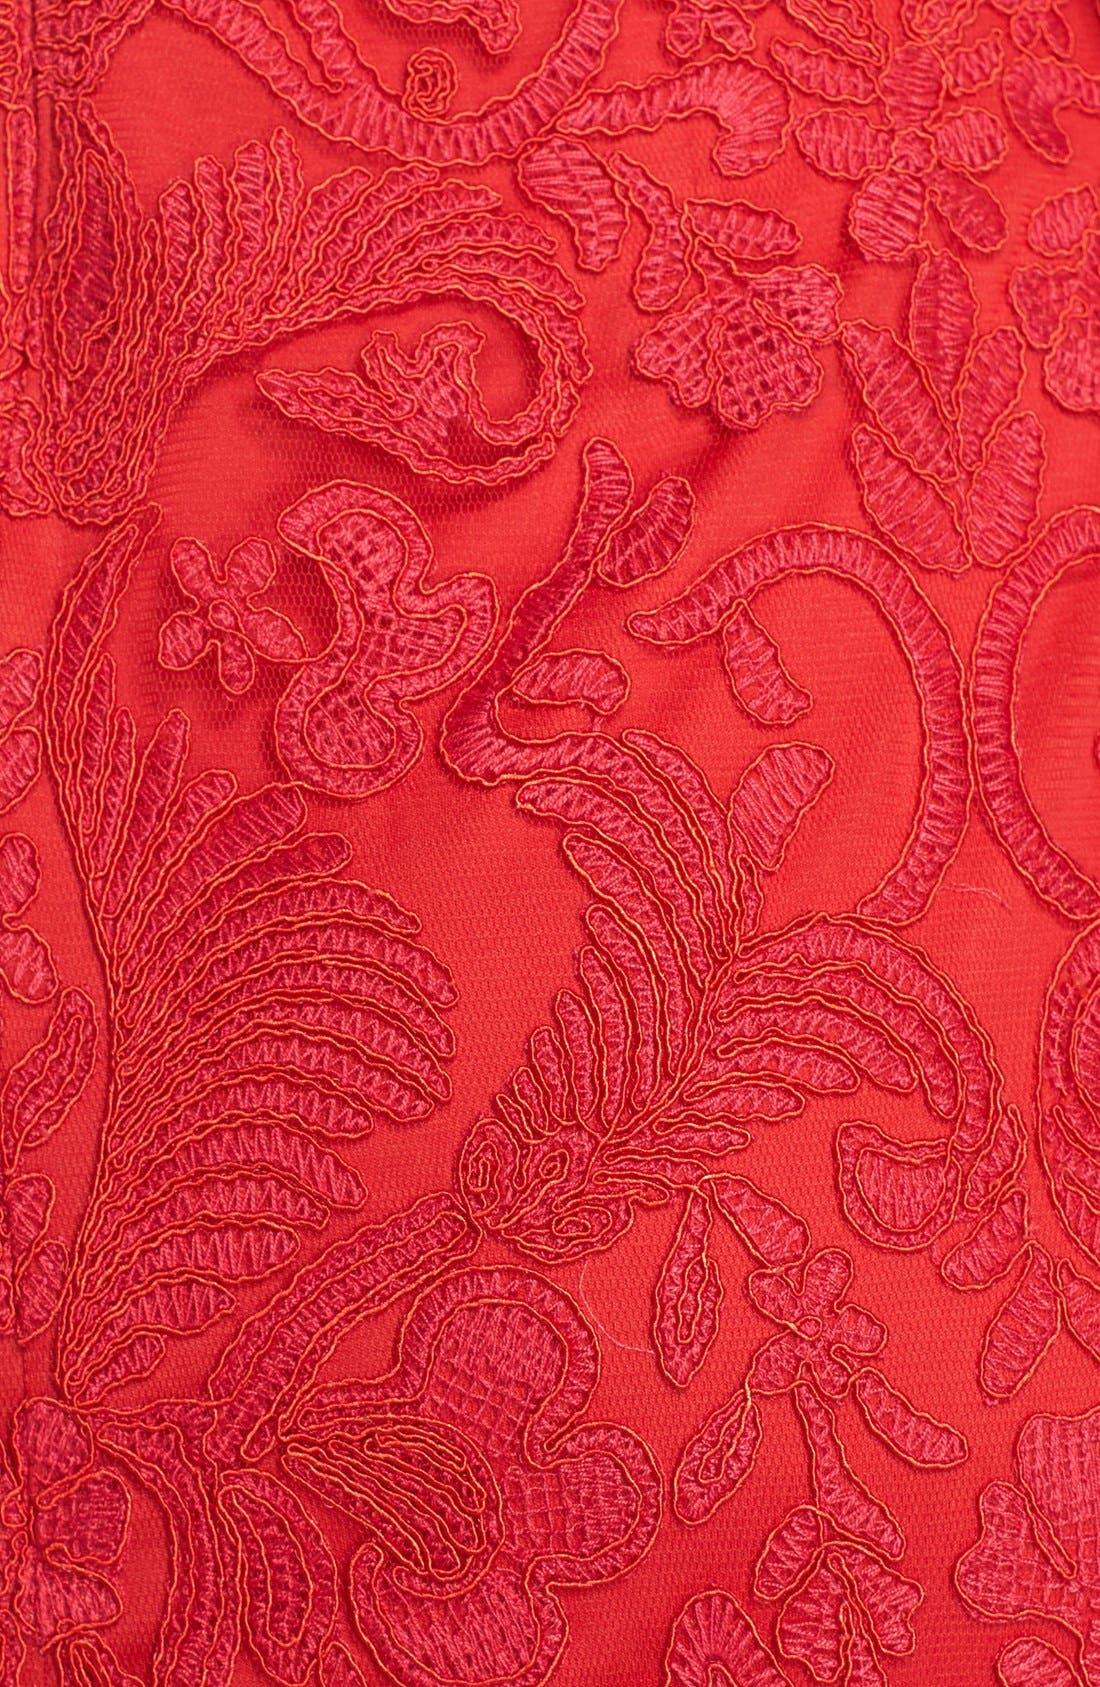 Illusion Yoke Lace Sheath Dress,                             Alternate thumbnail 59, color,